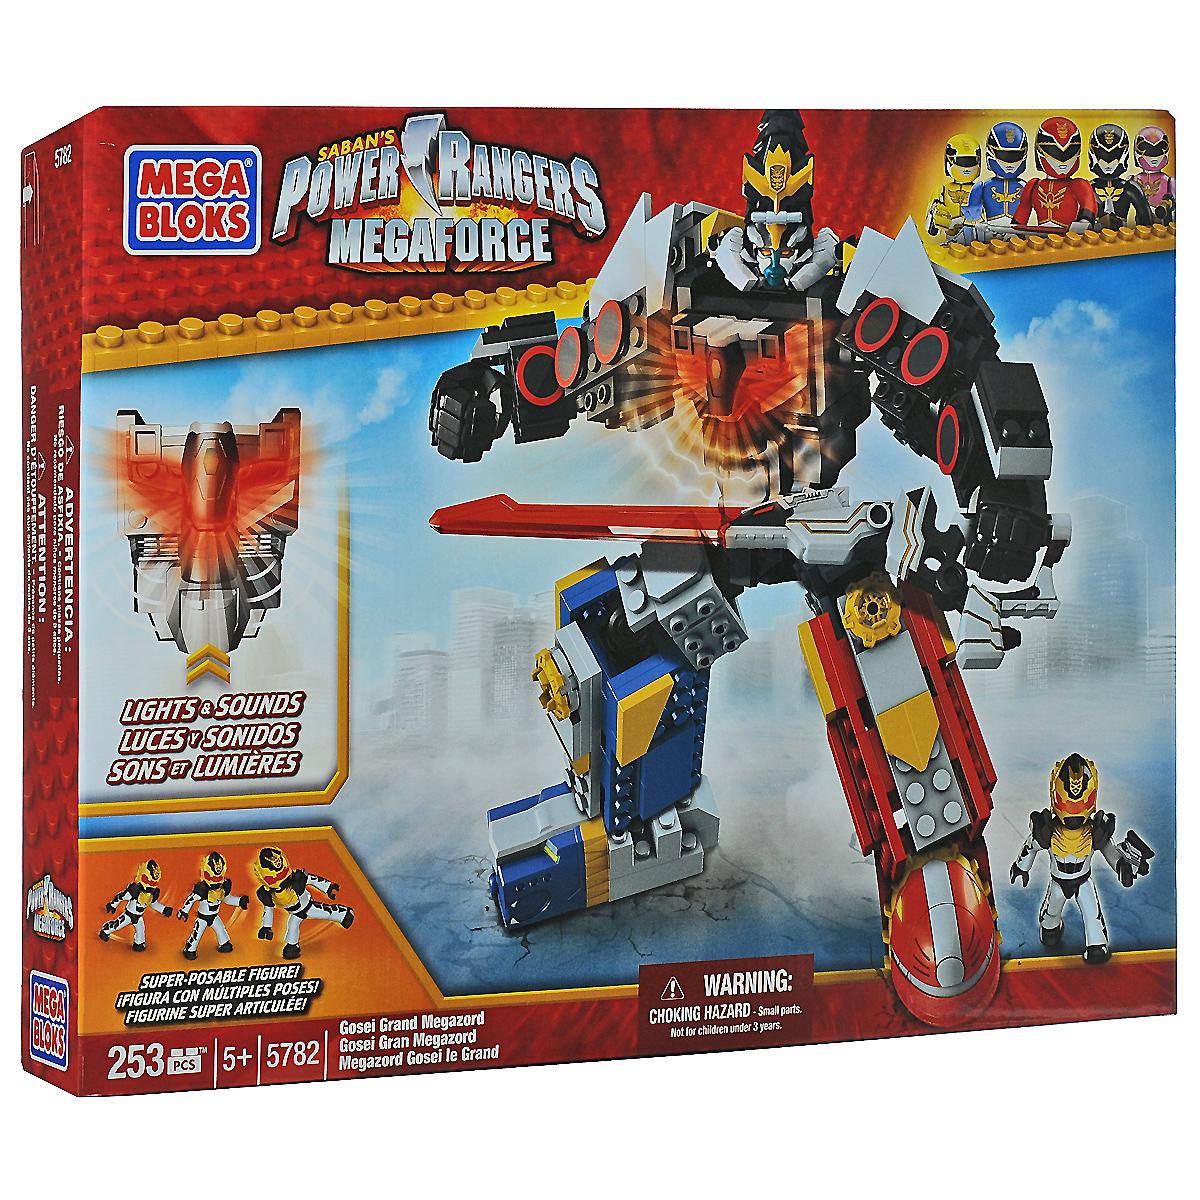 Mega Bloks Могучие рейнджеры Конструктор Великий Мегазорд05782MМегазорды - это огромные роботы, которые получаются, если собрать вместе зордов - личных роботов Могучих рейнджеров. С помощью них рейнджеры могут сражаться с особенно сильными врагами и побеждать. Вступайте в битву за спасение мира вместе с Мегазордом! Конструктор Mega Bloks Могучие рейнджеры: Великий Мегазорд включает 253 ярких пластиковых элемента. В этом наборе вы найдете ментора Мега рейнджеров - Госея. Мегазорд собирается из трех частей - Lion Mechazord, Sea Lion Zord и Sky Lion Zord. Некоторые блоки Мегазорда загораются, а также игрушка издает характерные звуки из мультфильма. Руки и ноги робота подвижны, благодаря чему фигурке можно придавать различные положения. Красочная схематичная инструкция поможет собрать робота правильно и быстро. Конструктор Mega Bloks Могучие рейнджеры: Легендарный Мегазорд можно комбинировать и с другими конструкторами Mega BloksPower Rangers Super Megaforce. Ваш малыш будет в восторге от такого подарка! Робот работает...